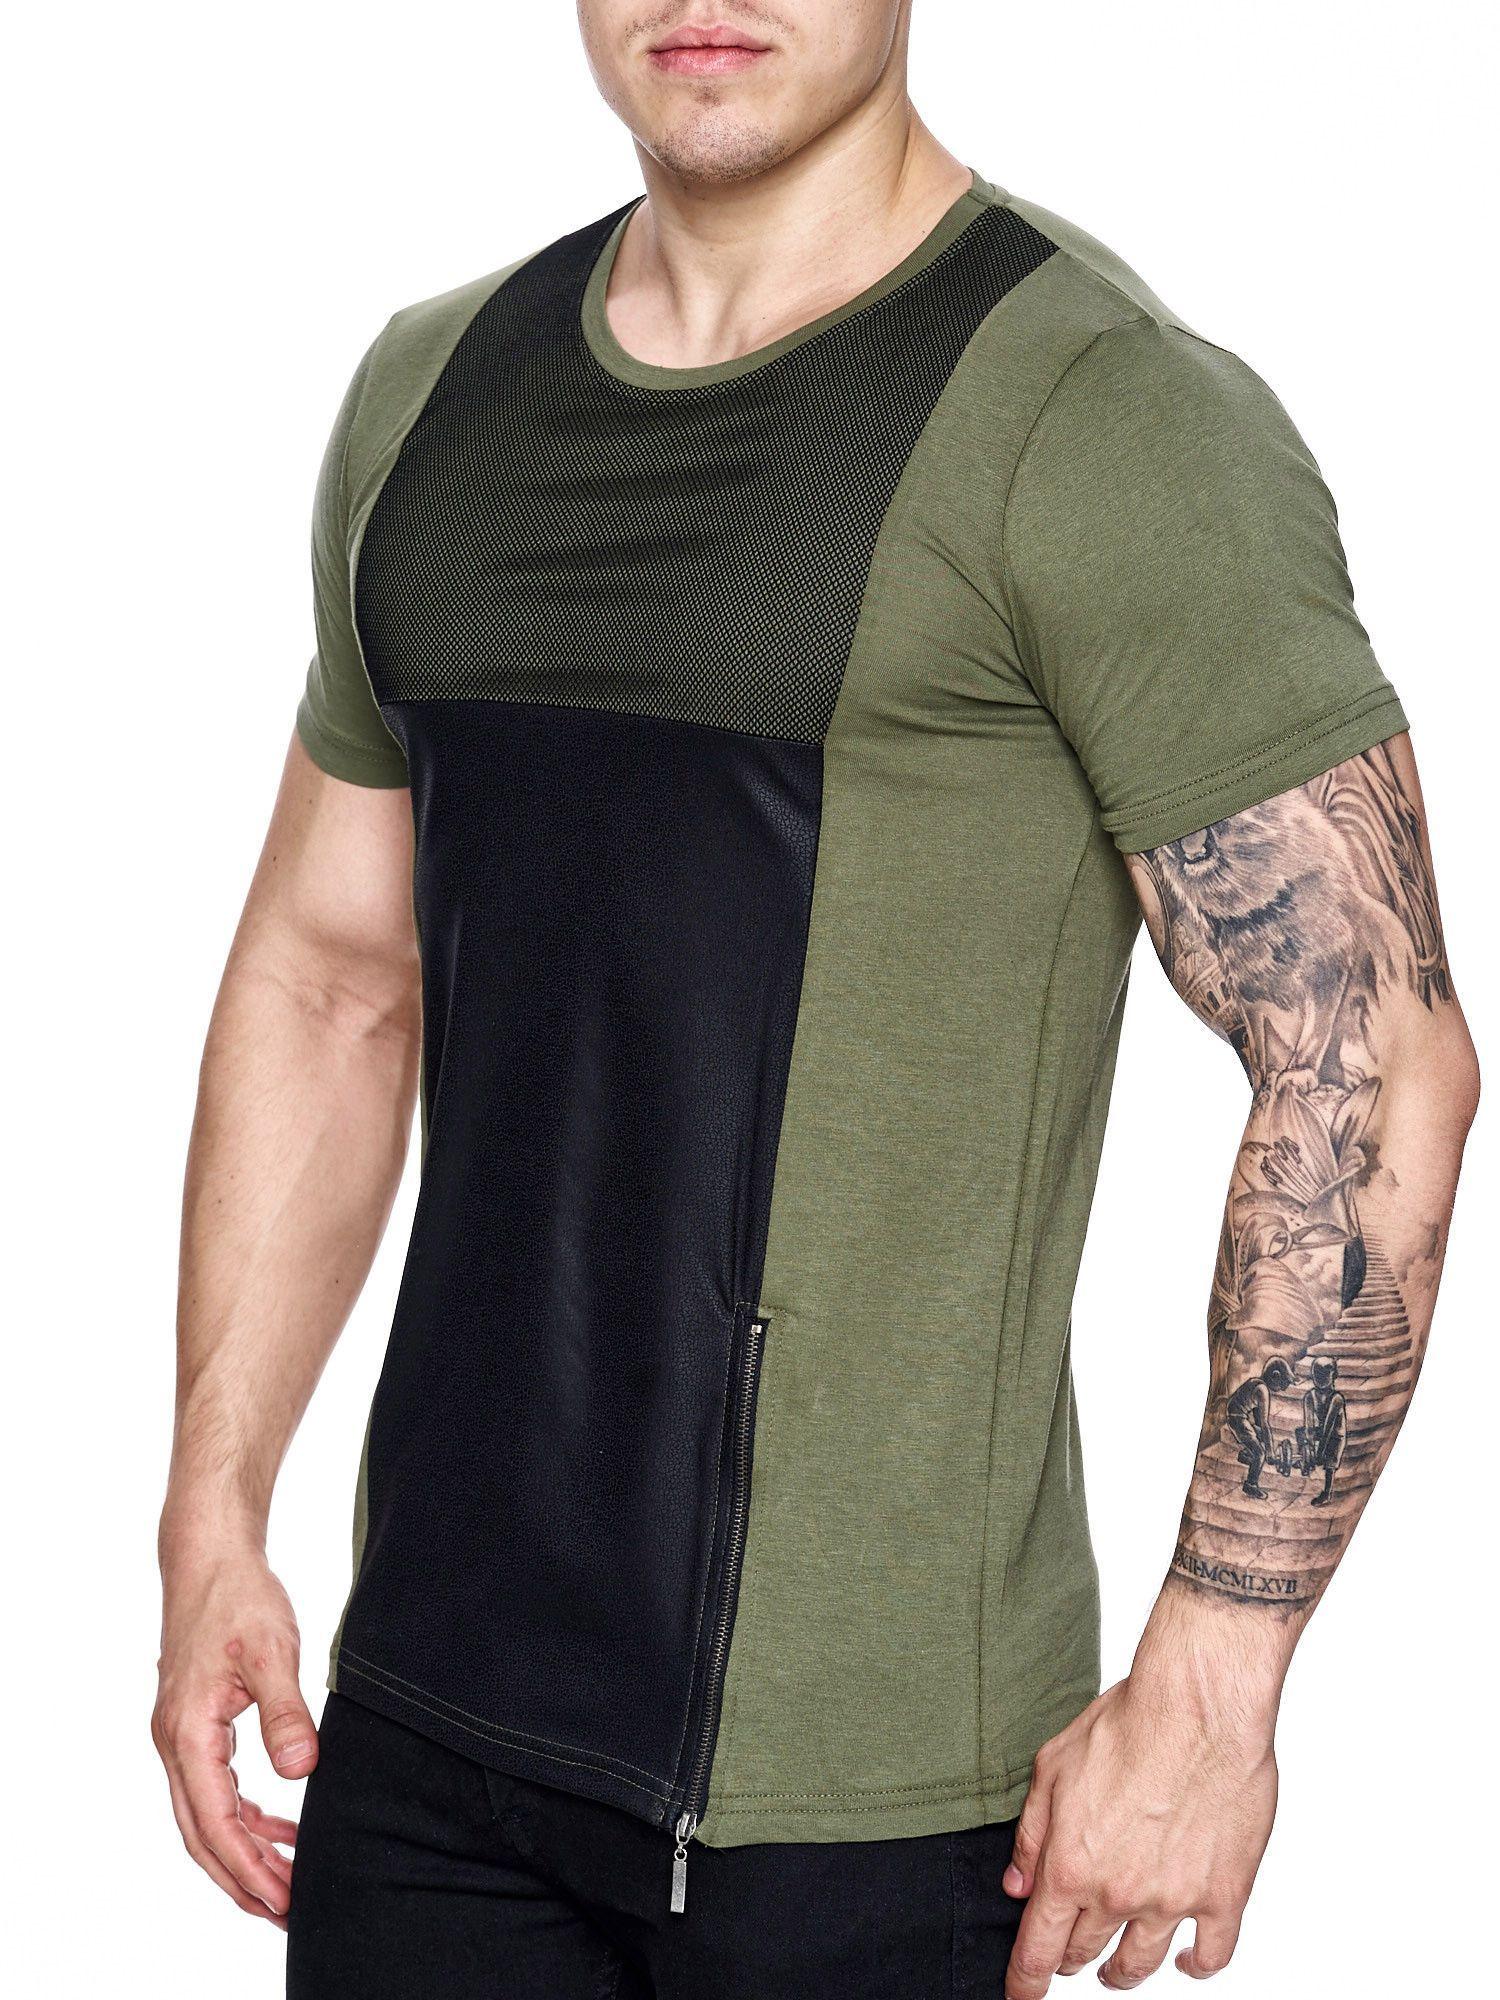 Black t shirt with zipper - K D Men Mesh Top Side Zipper T Shirt Army Green